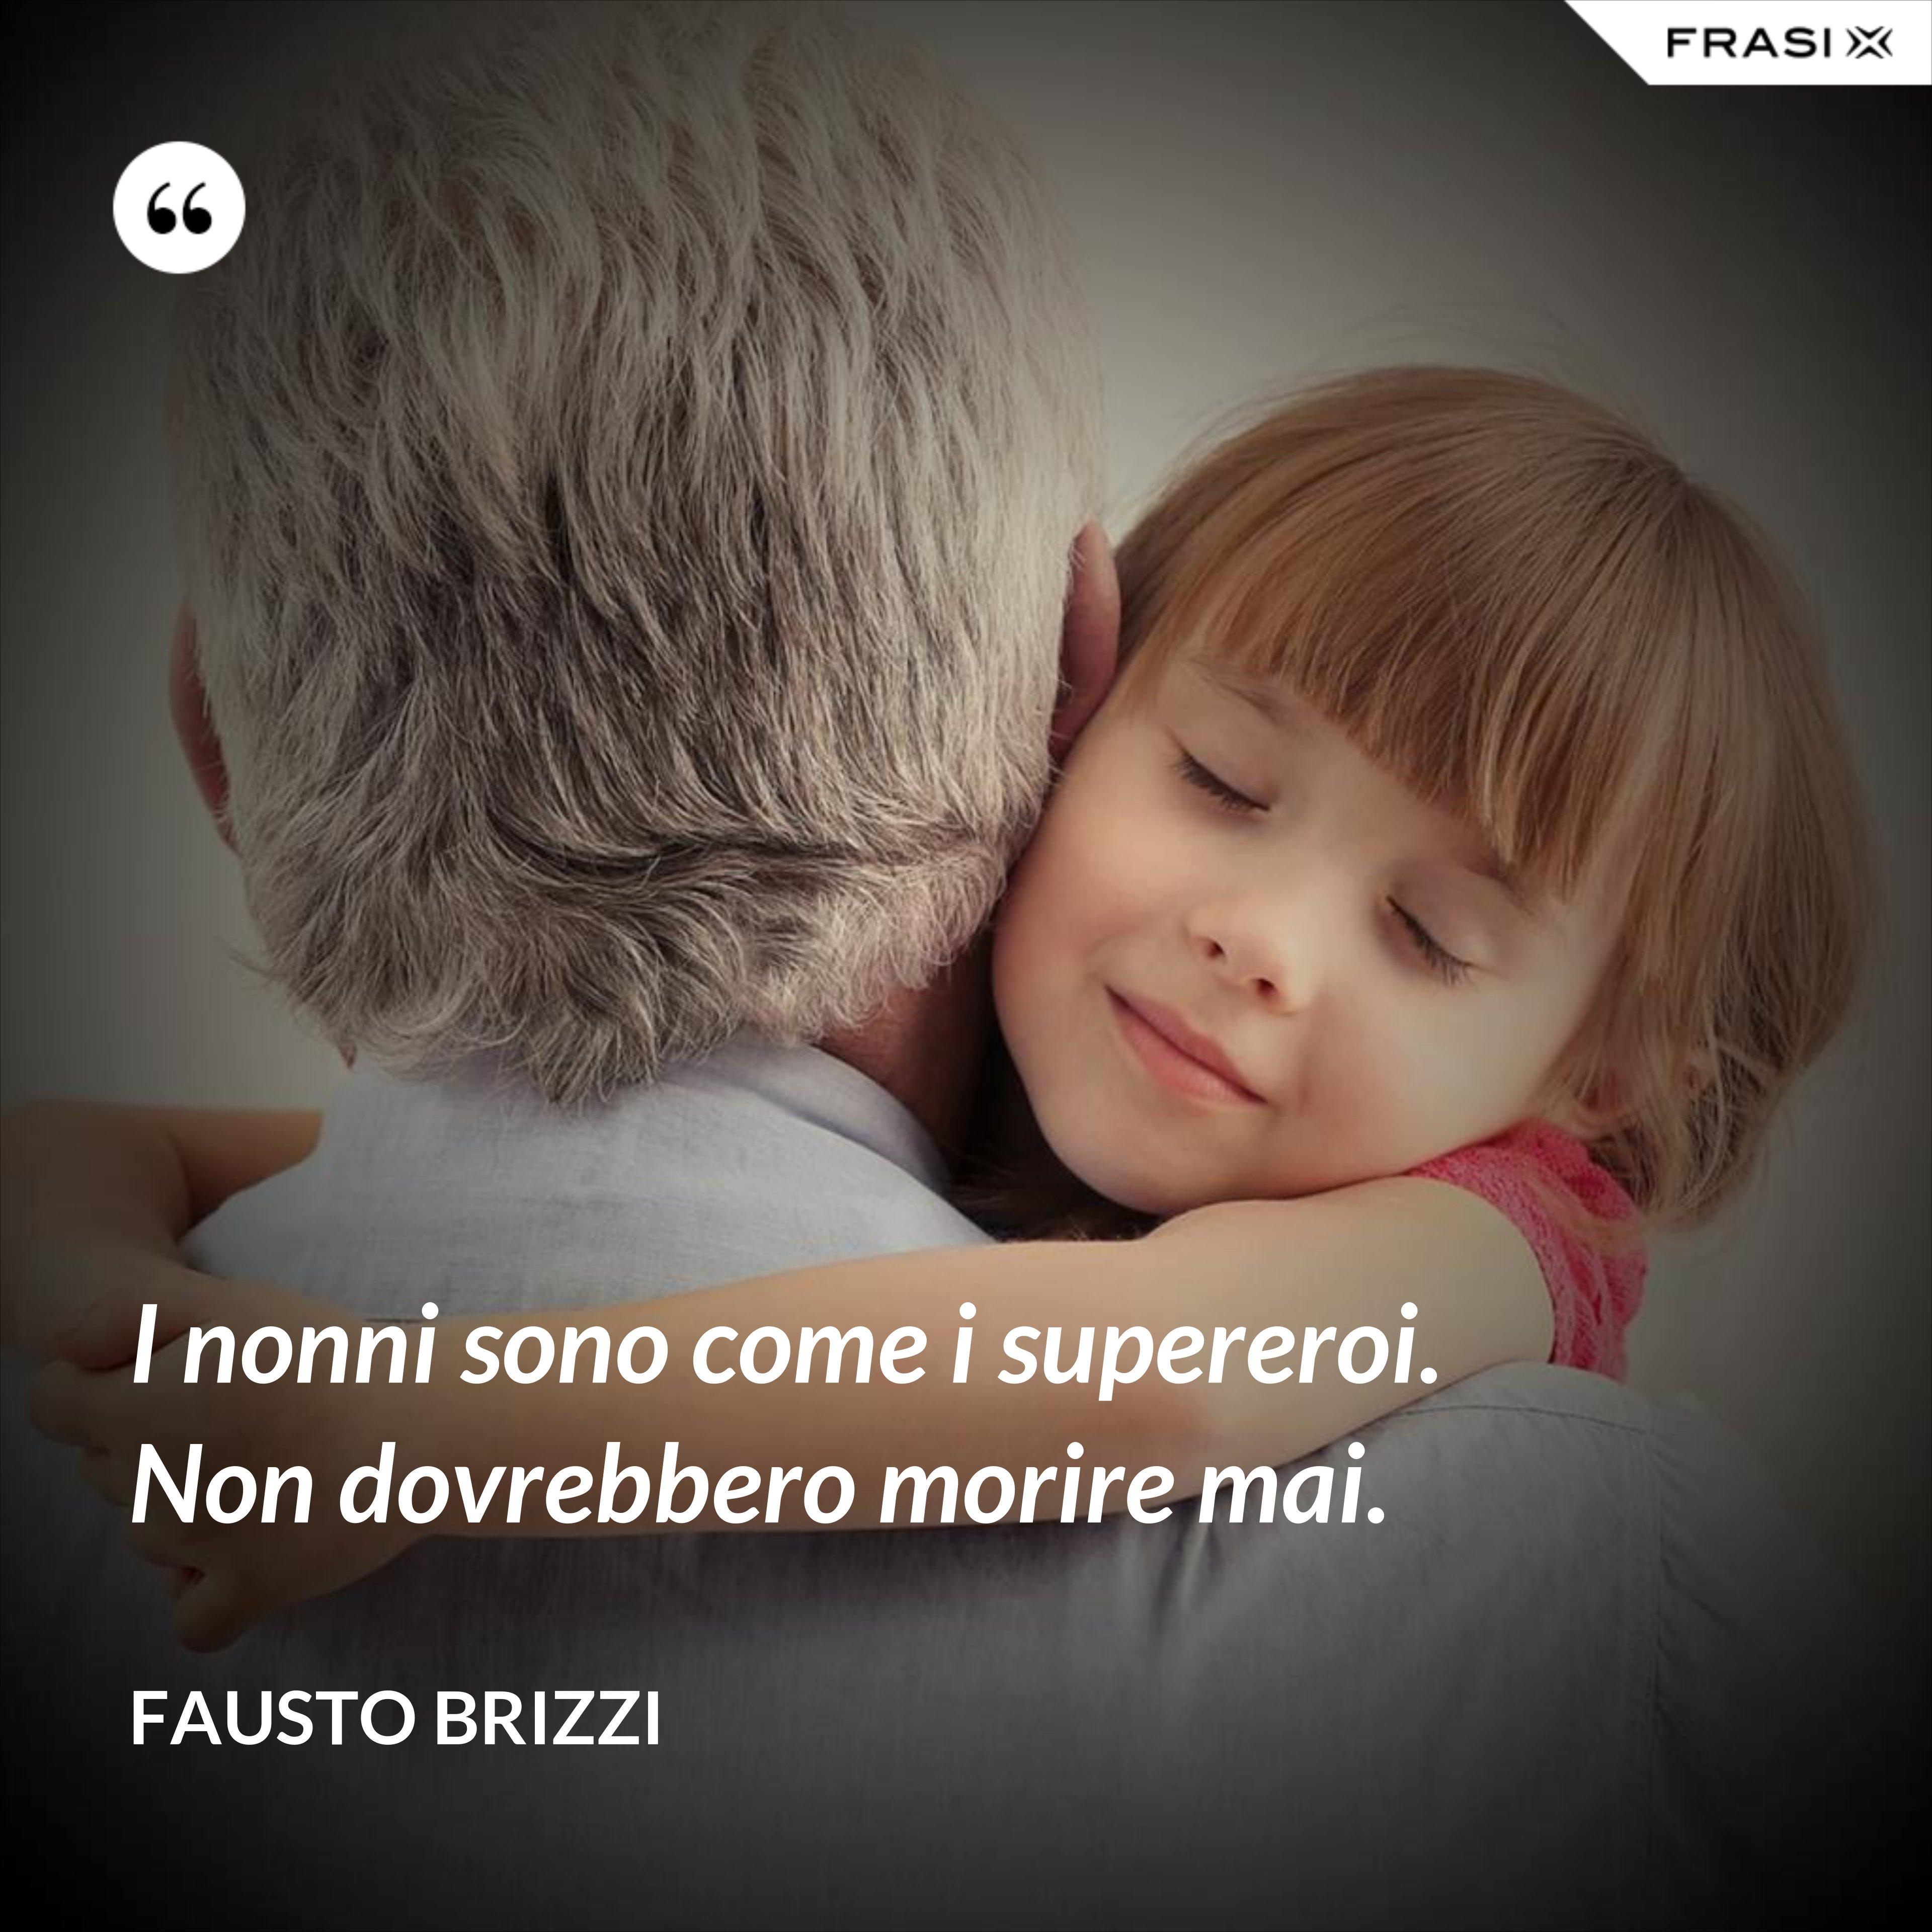 I nonni sono come i supereroi. Non dovrebbero morire mai. - Fausto Brizzi